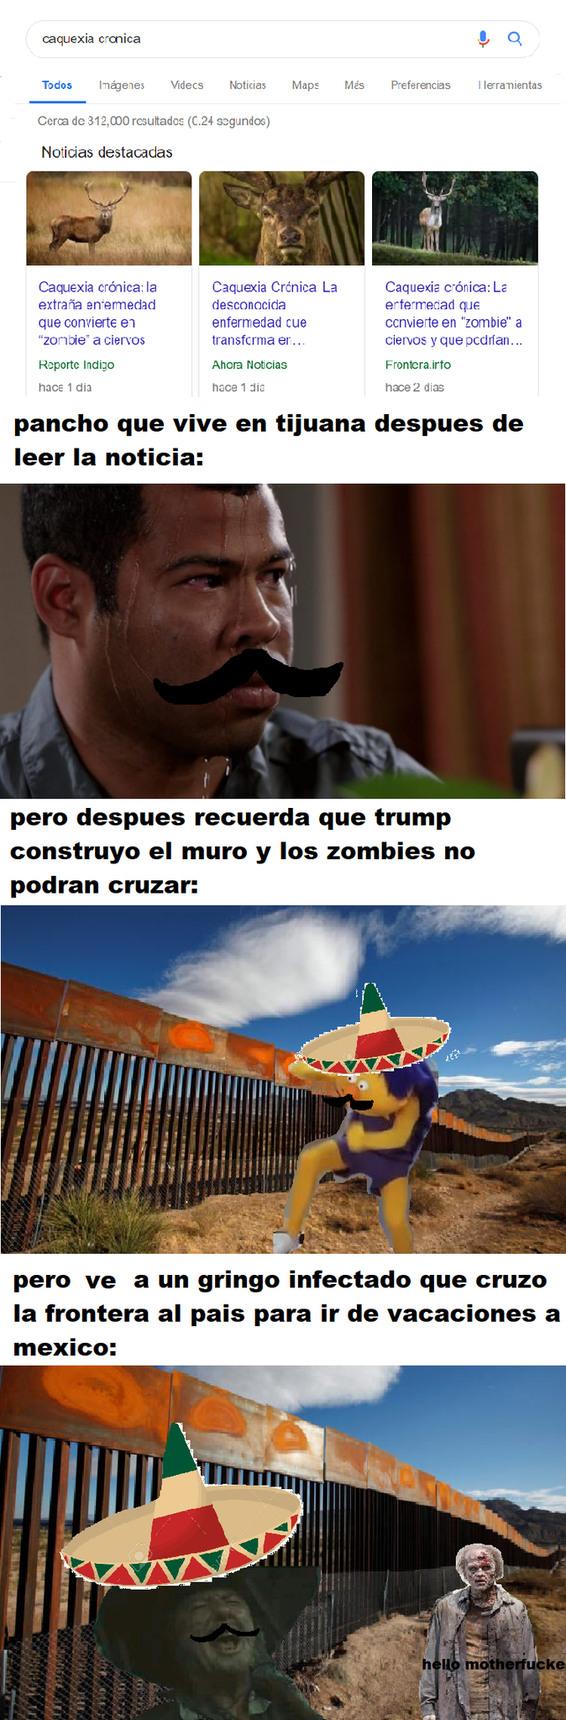 como mexicano estoy demasiado asustado :´v - meme